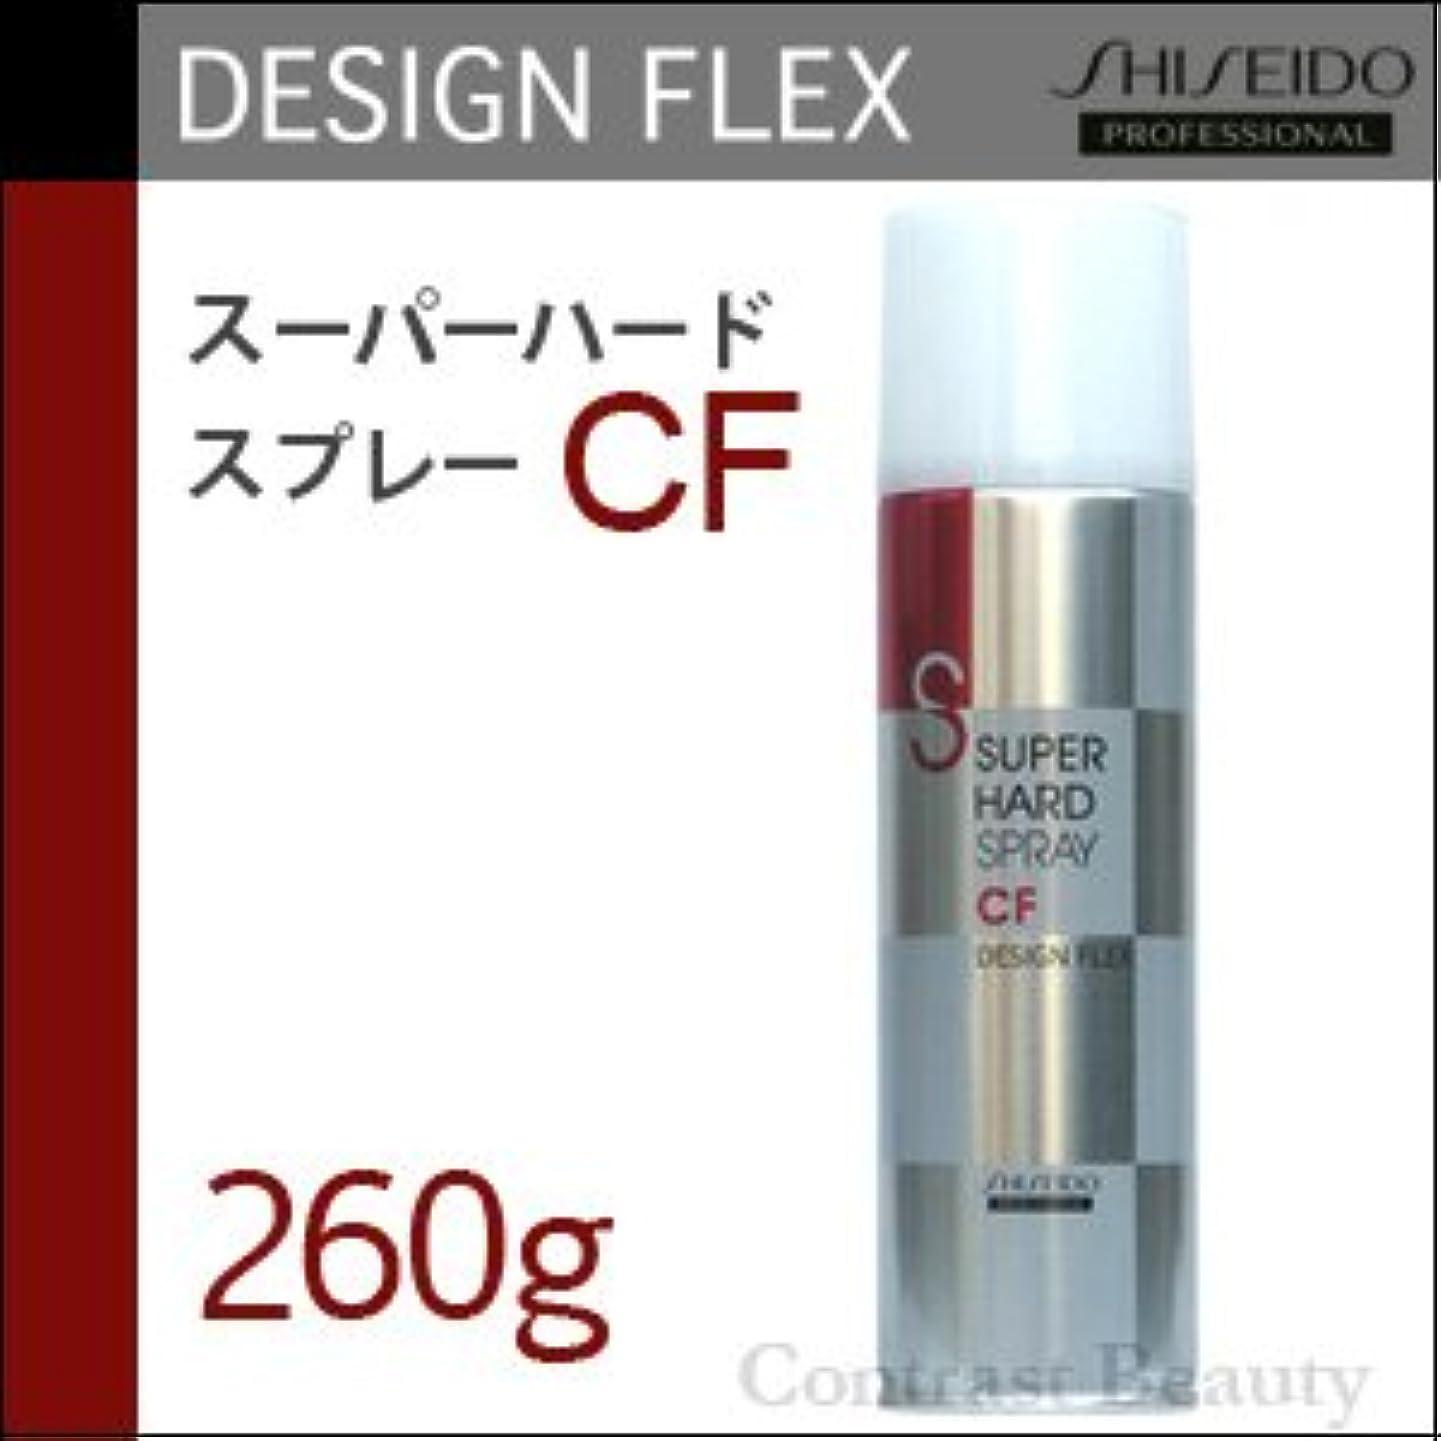 あまりにも理容室身元【x4個セット】 資生堂 デザインフレックス スーパーハードスプレーCF 260g